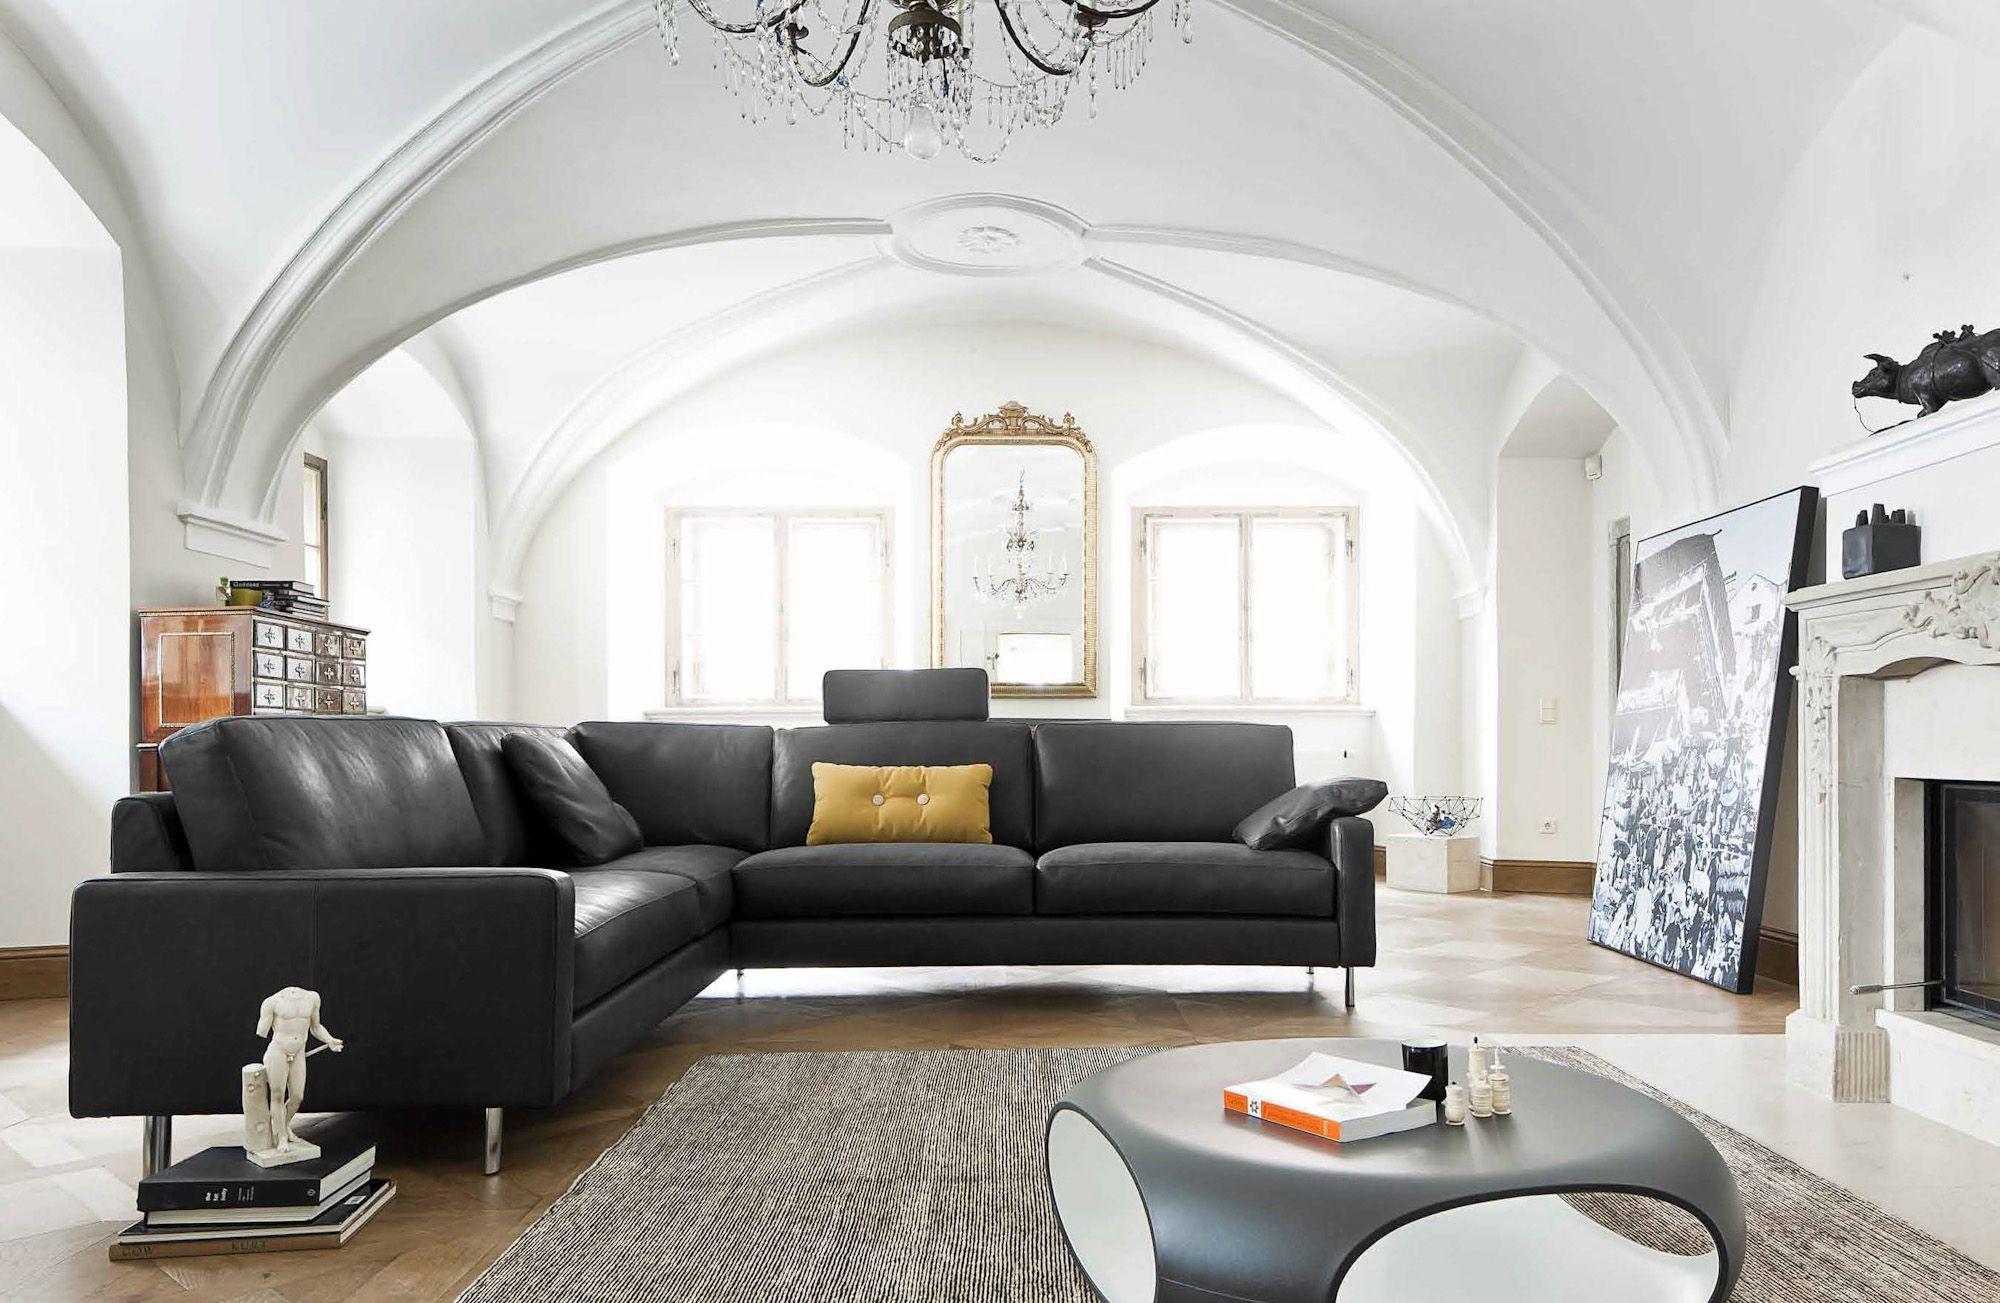 LOUNGE Sofa hechtdesign ausgestellt in der hecht designfabrik kirchentellinsfurt Im Hintergrund occhio sento leuchten Design Axel Meise Pinterest